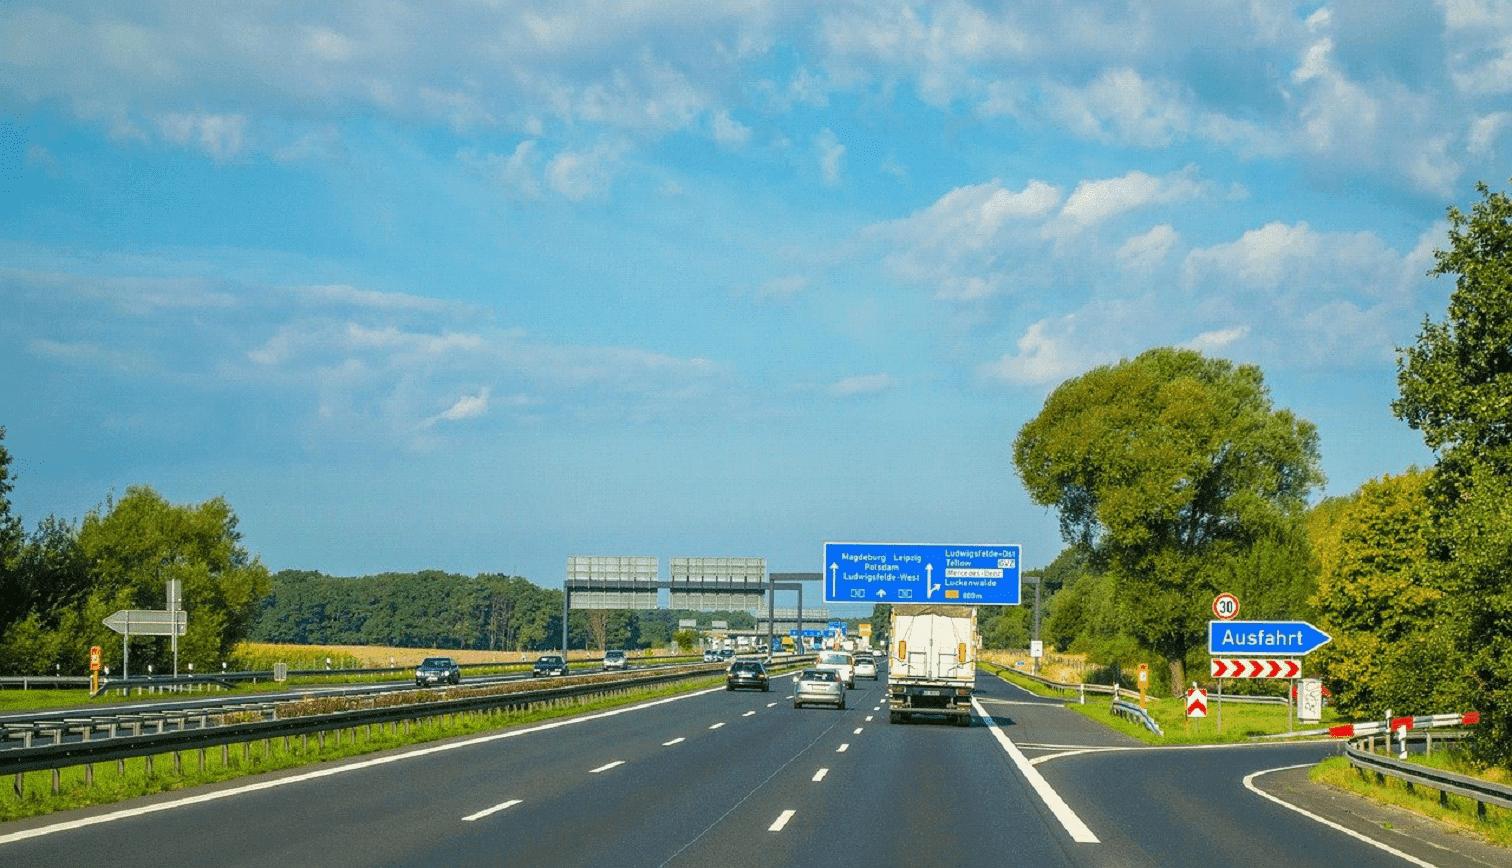 marquage routier: signalisation routière